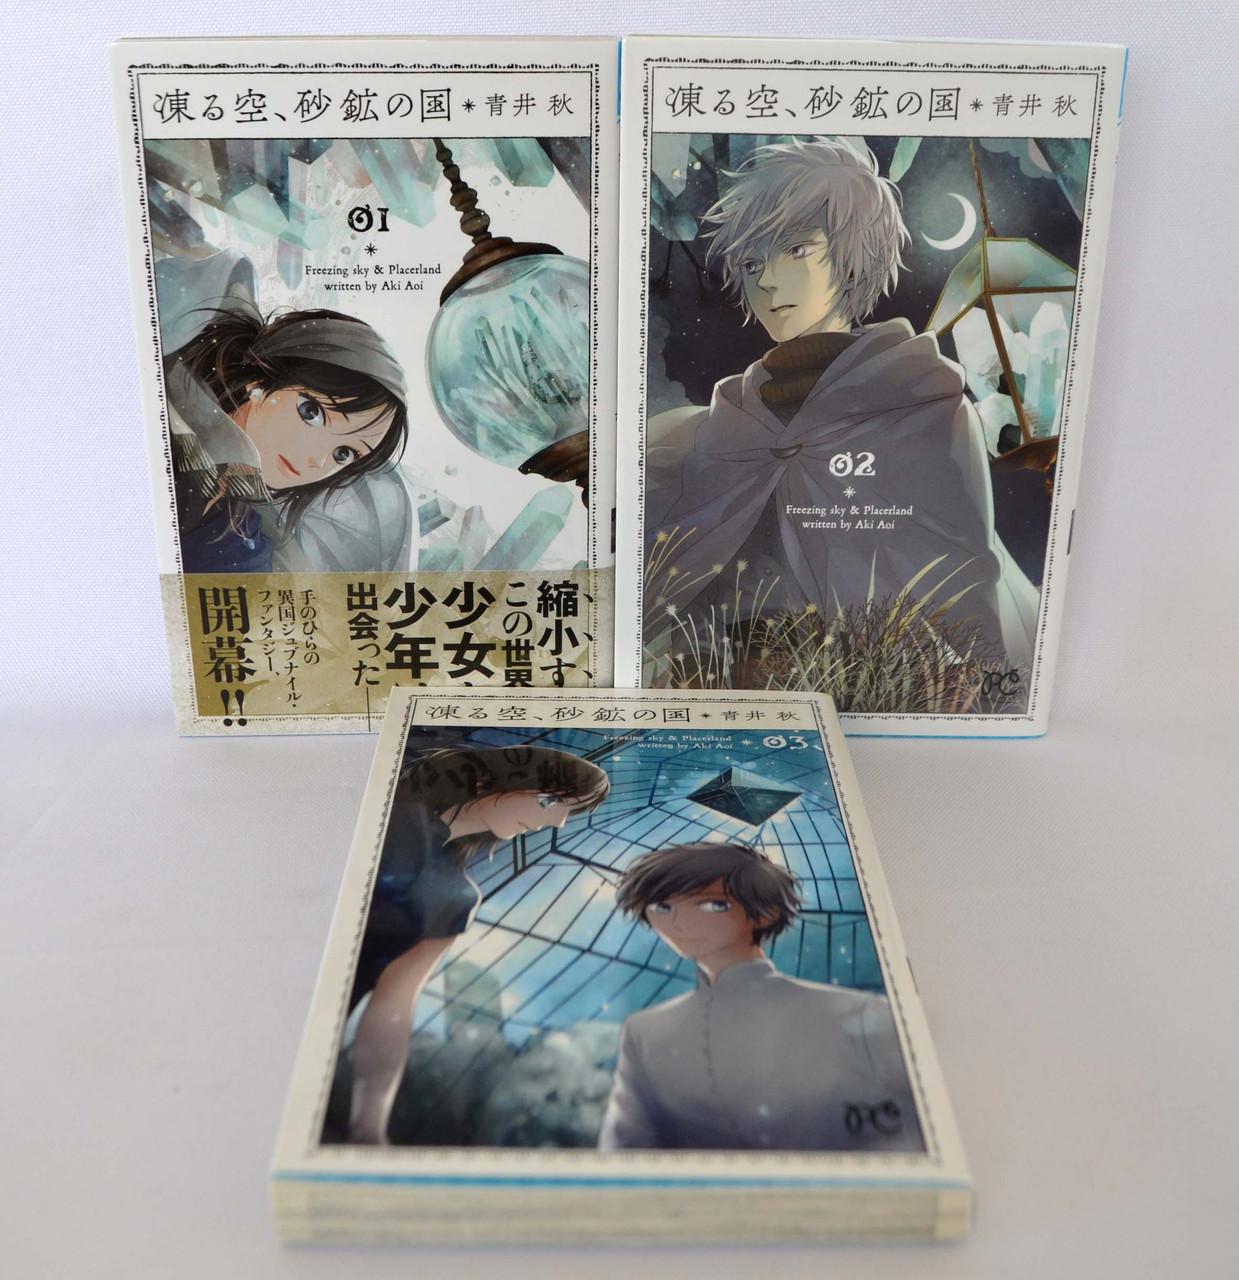 """Манга на японском языке """"Замёрзшее небо, страна россыпей / Freezing Sky & Placerland"""" сэт 1-3 тома (3 из 3)"""